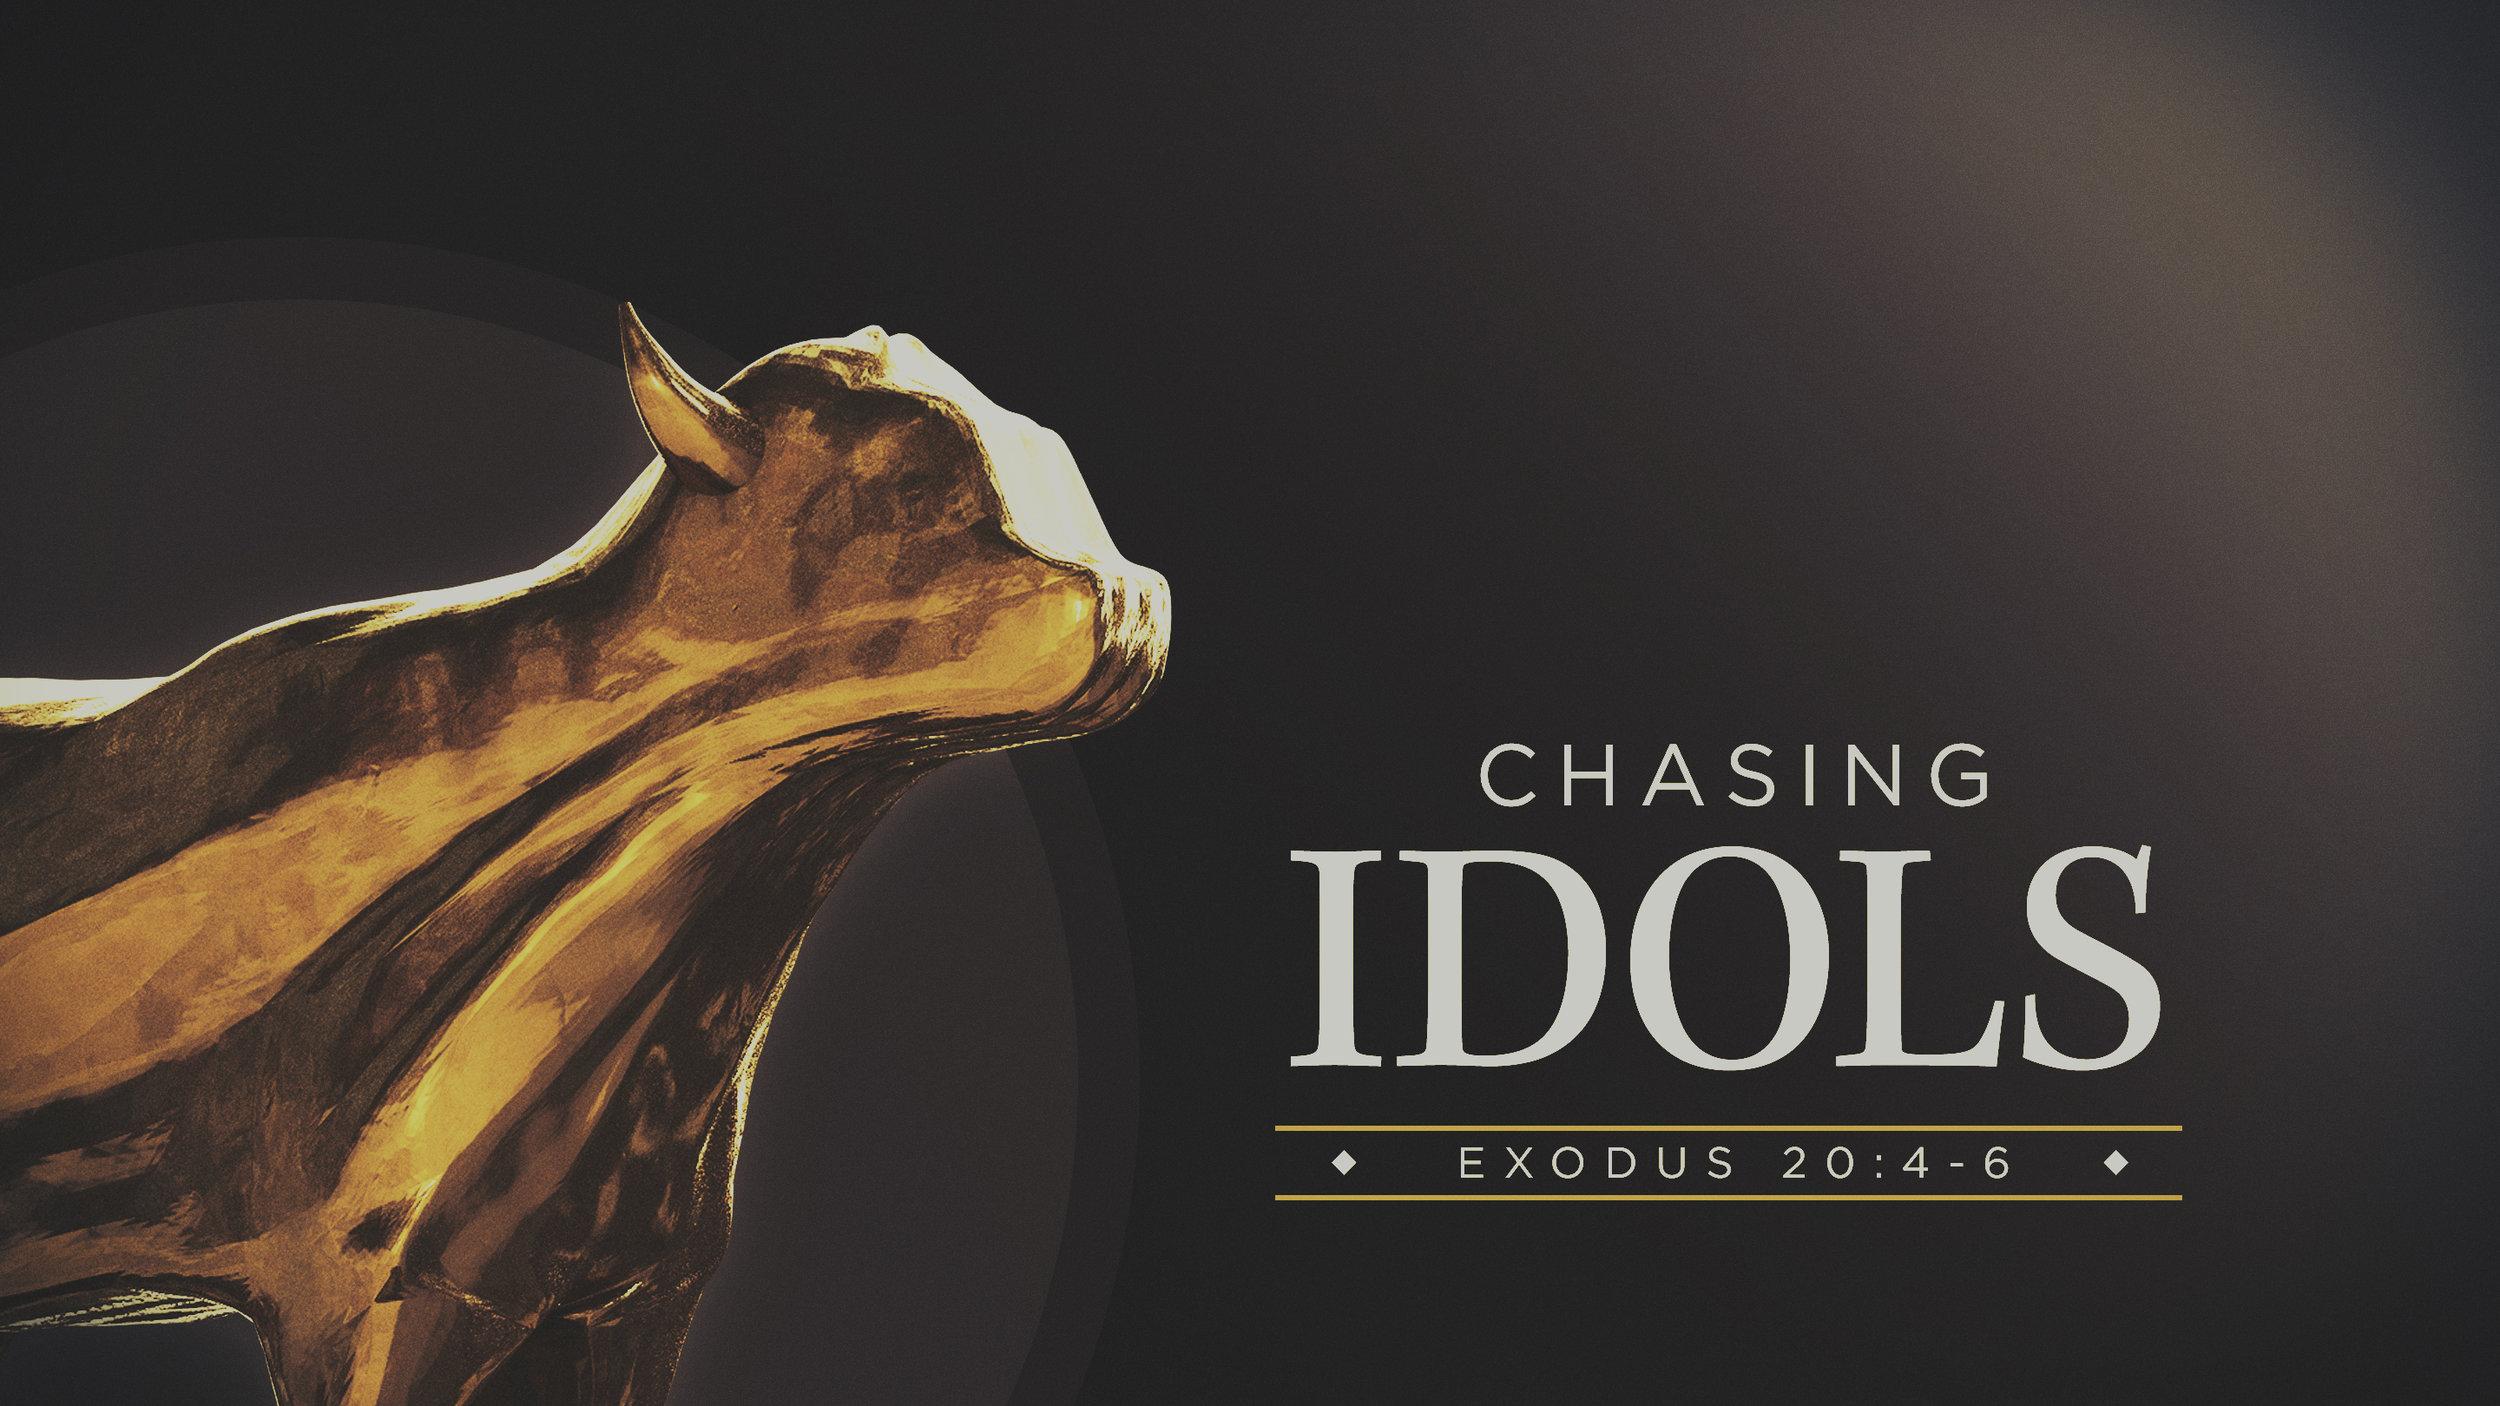 Chasing-Idols.jpg